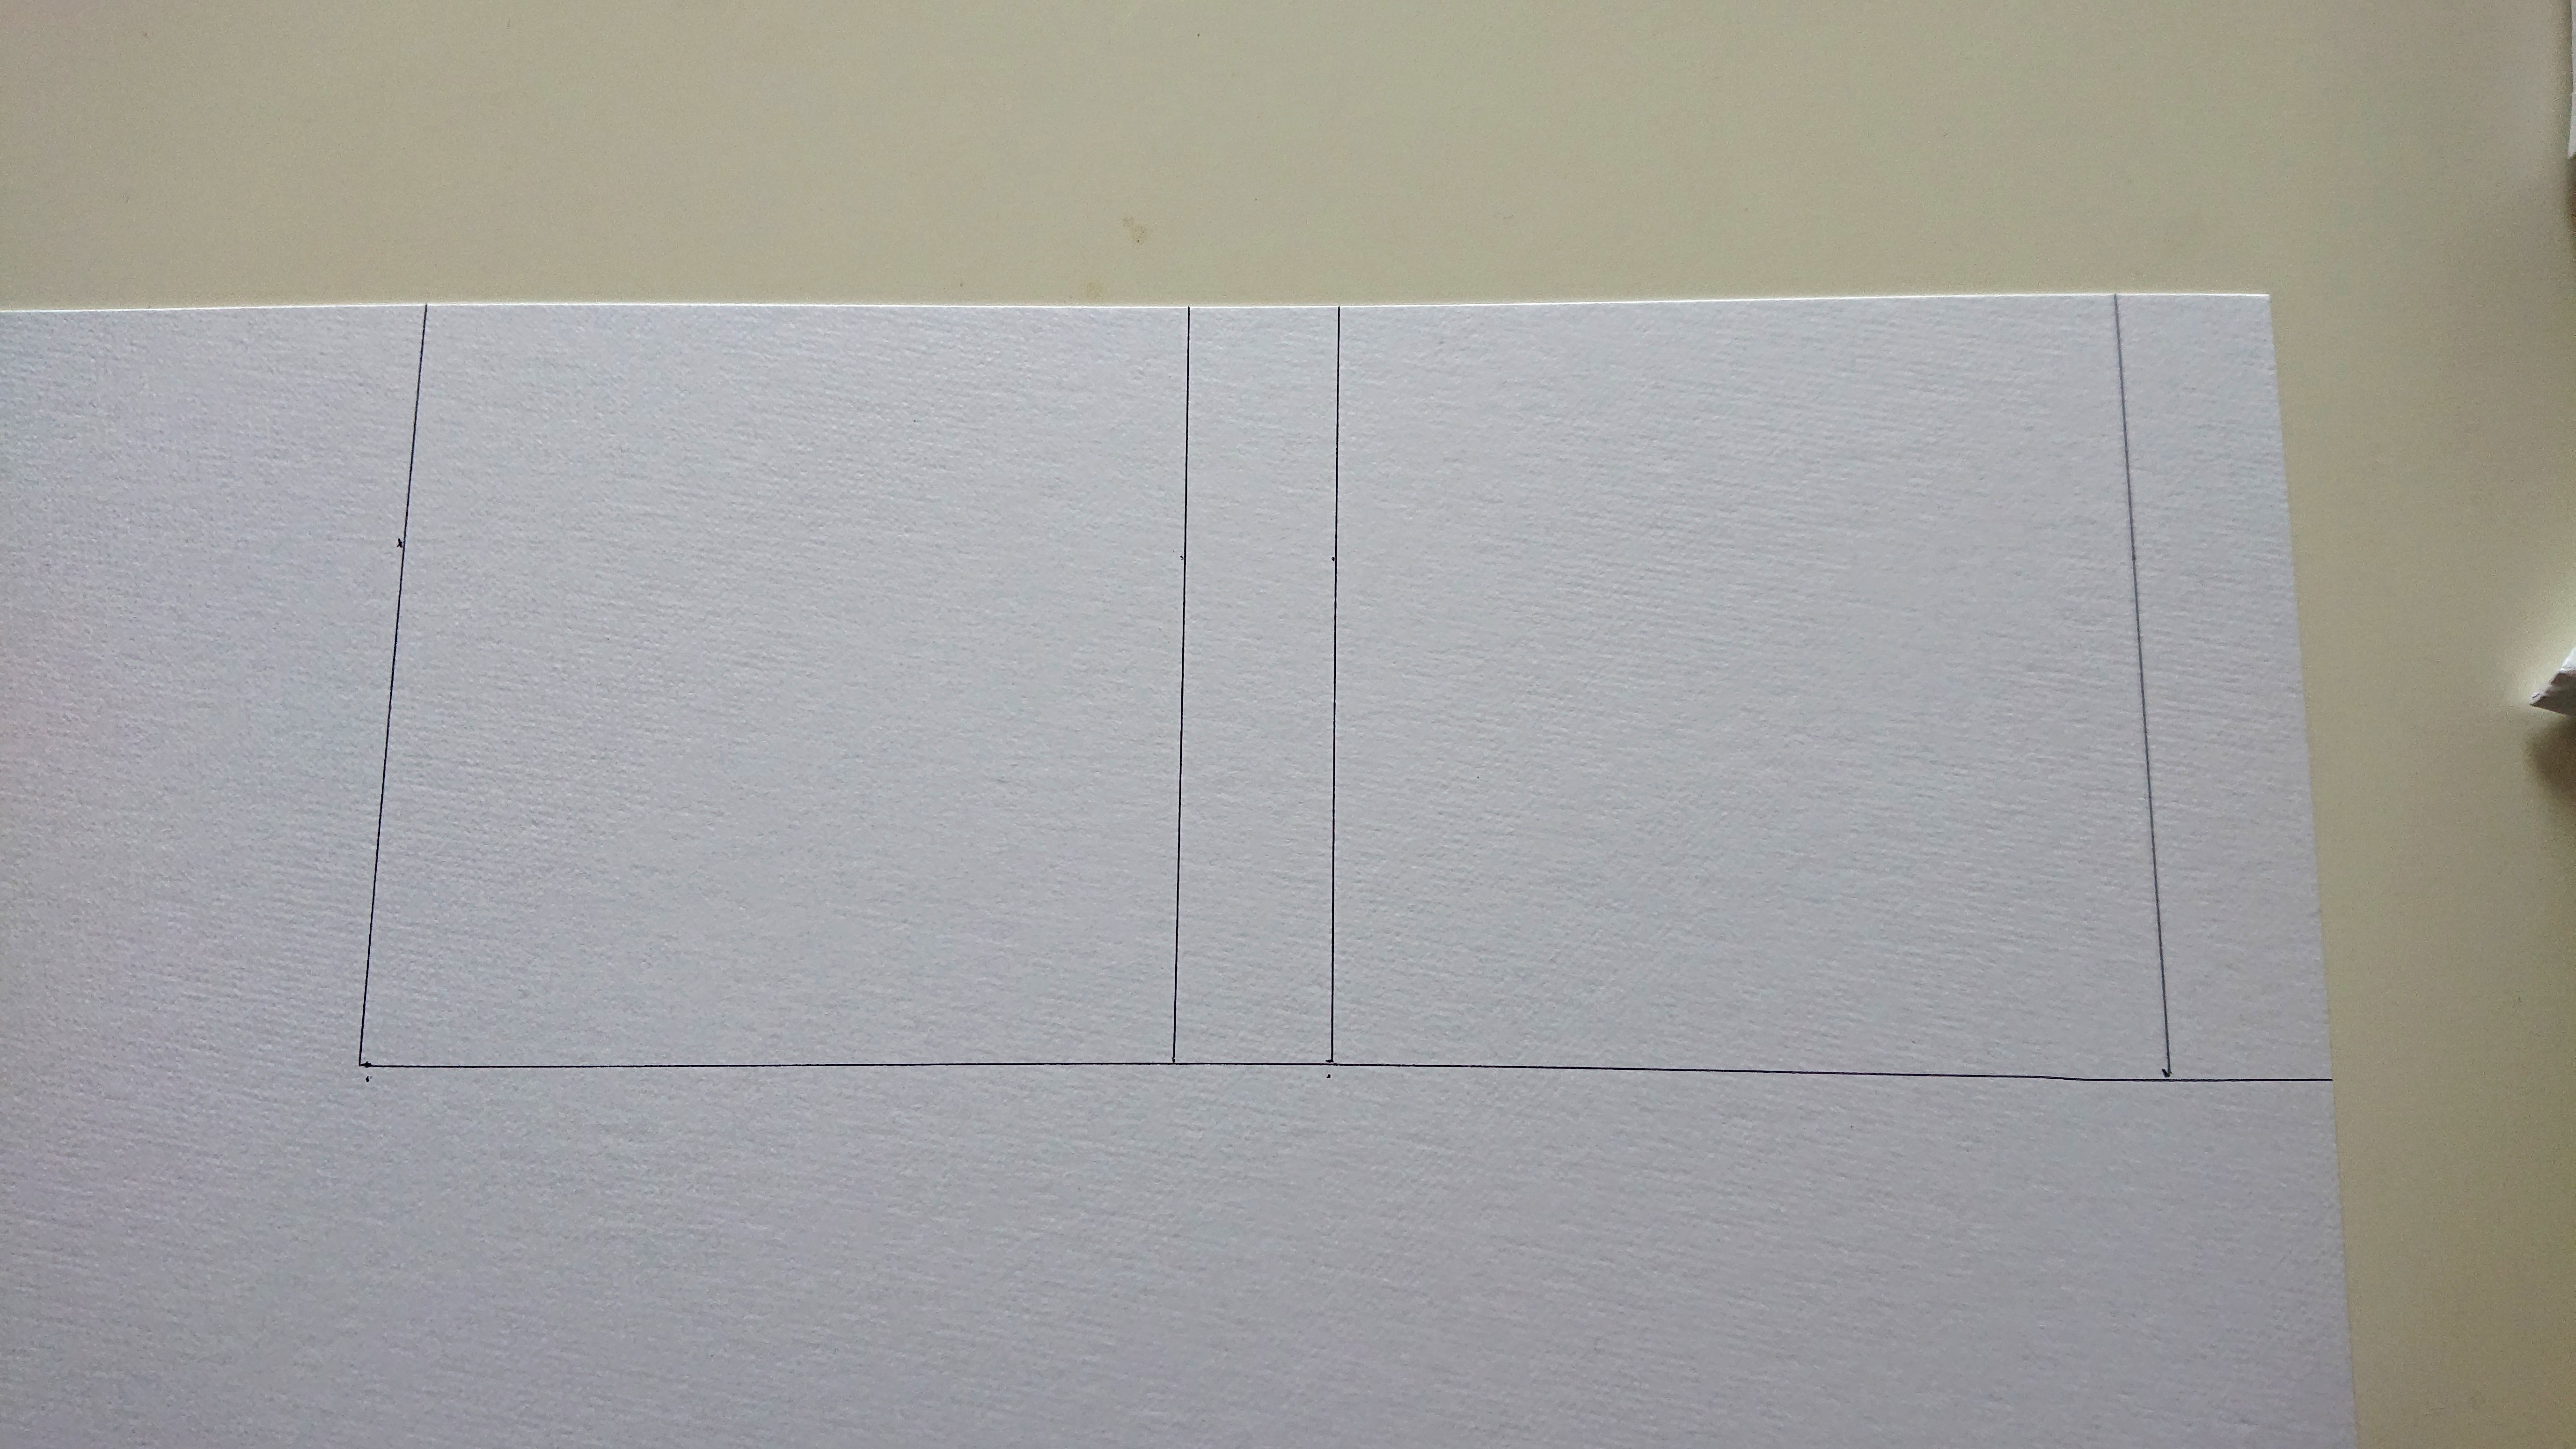 アクセサリー梱包箱を自作する方法